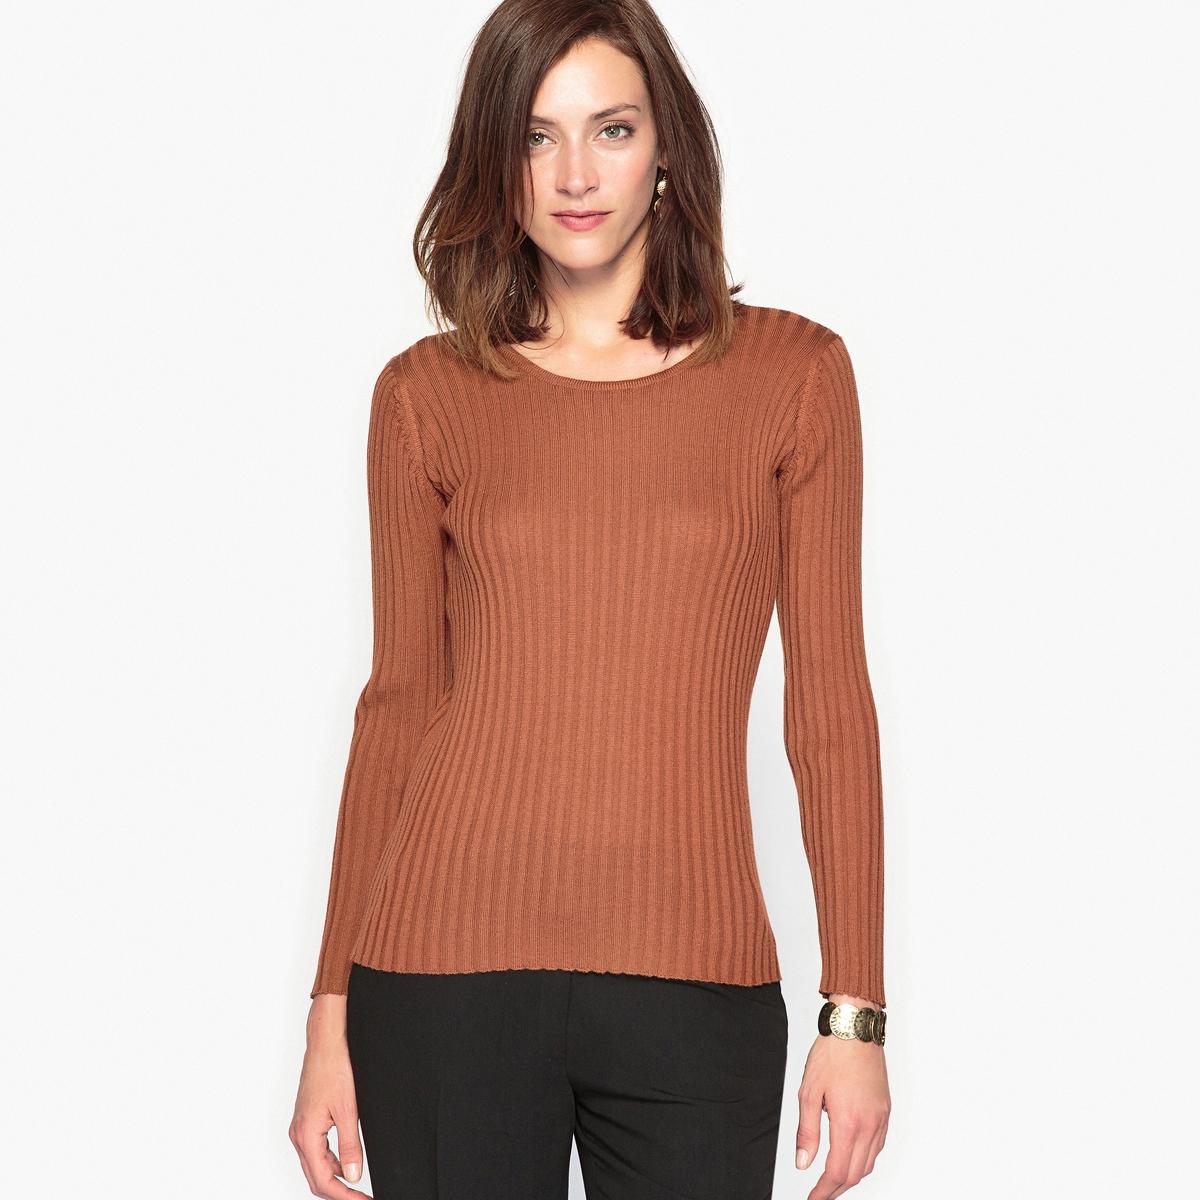 Пуловер с круглым вырезом, 50% шерсти мериноса